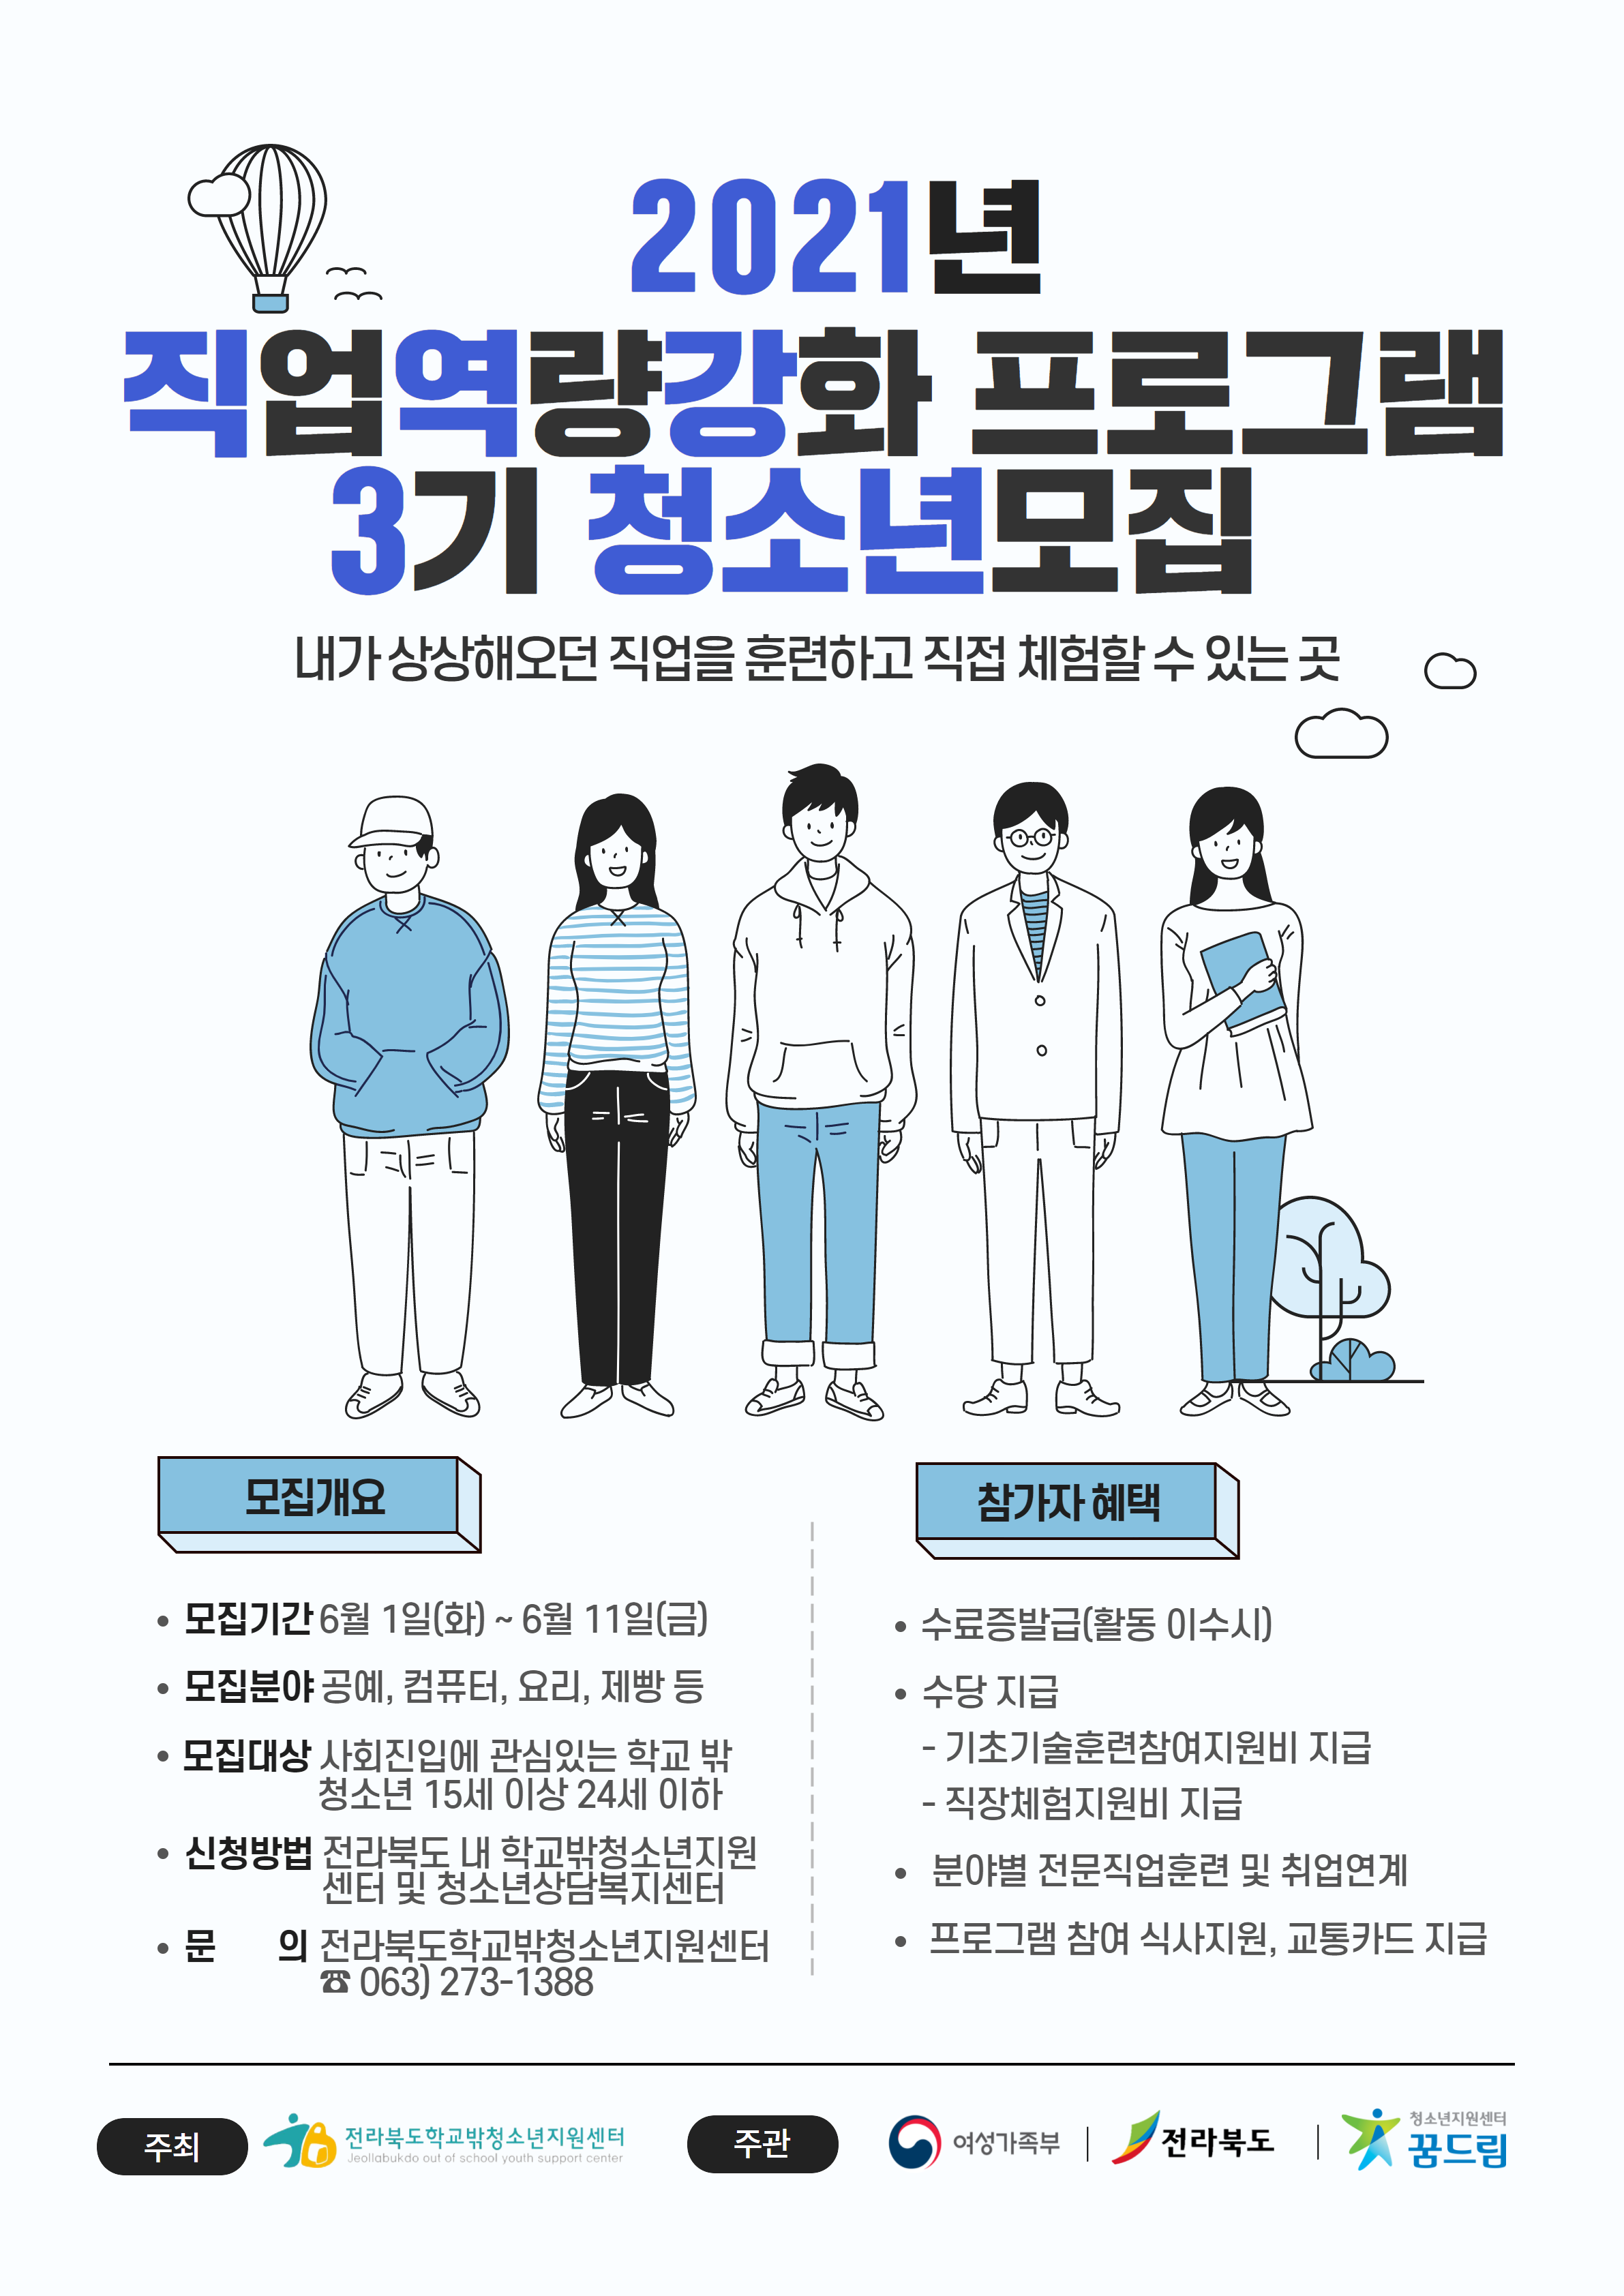 [언론홍보 5월]2021년 직업역량강화 프로그램 사업 안내 홍보물(3기).png